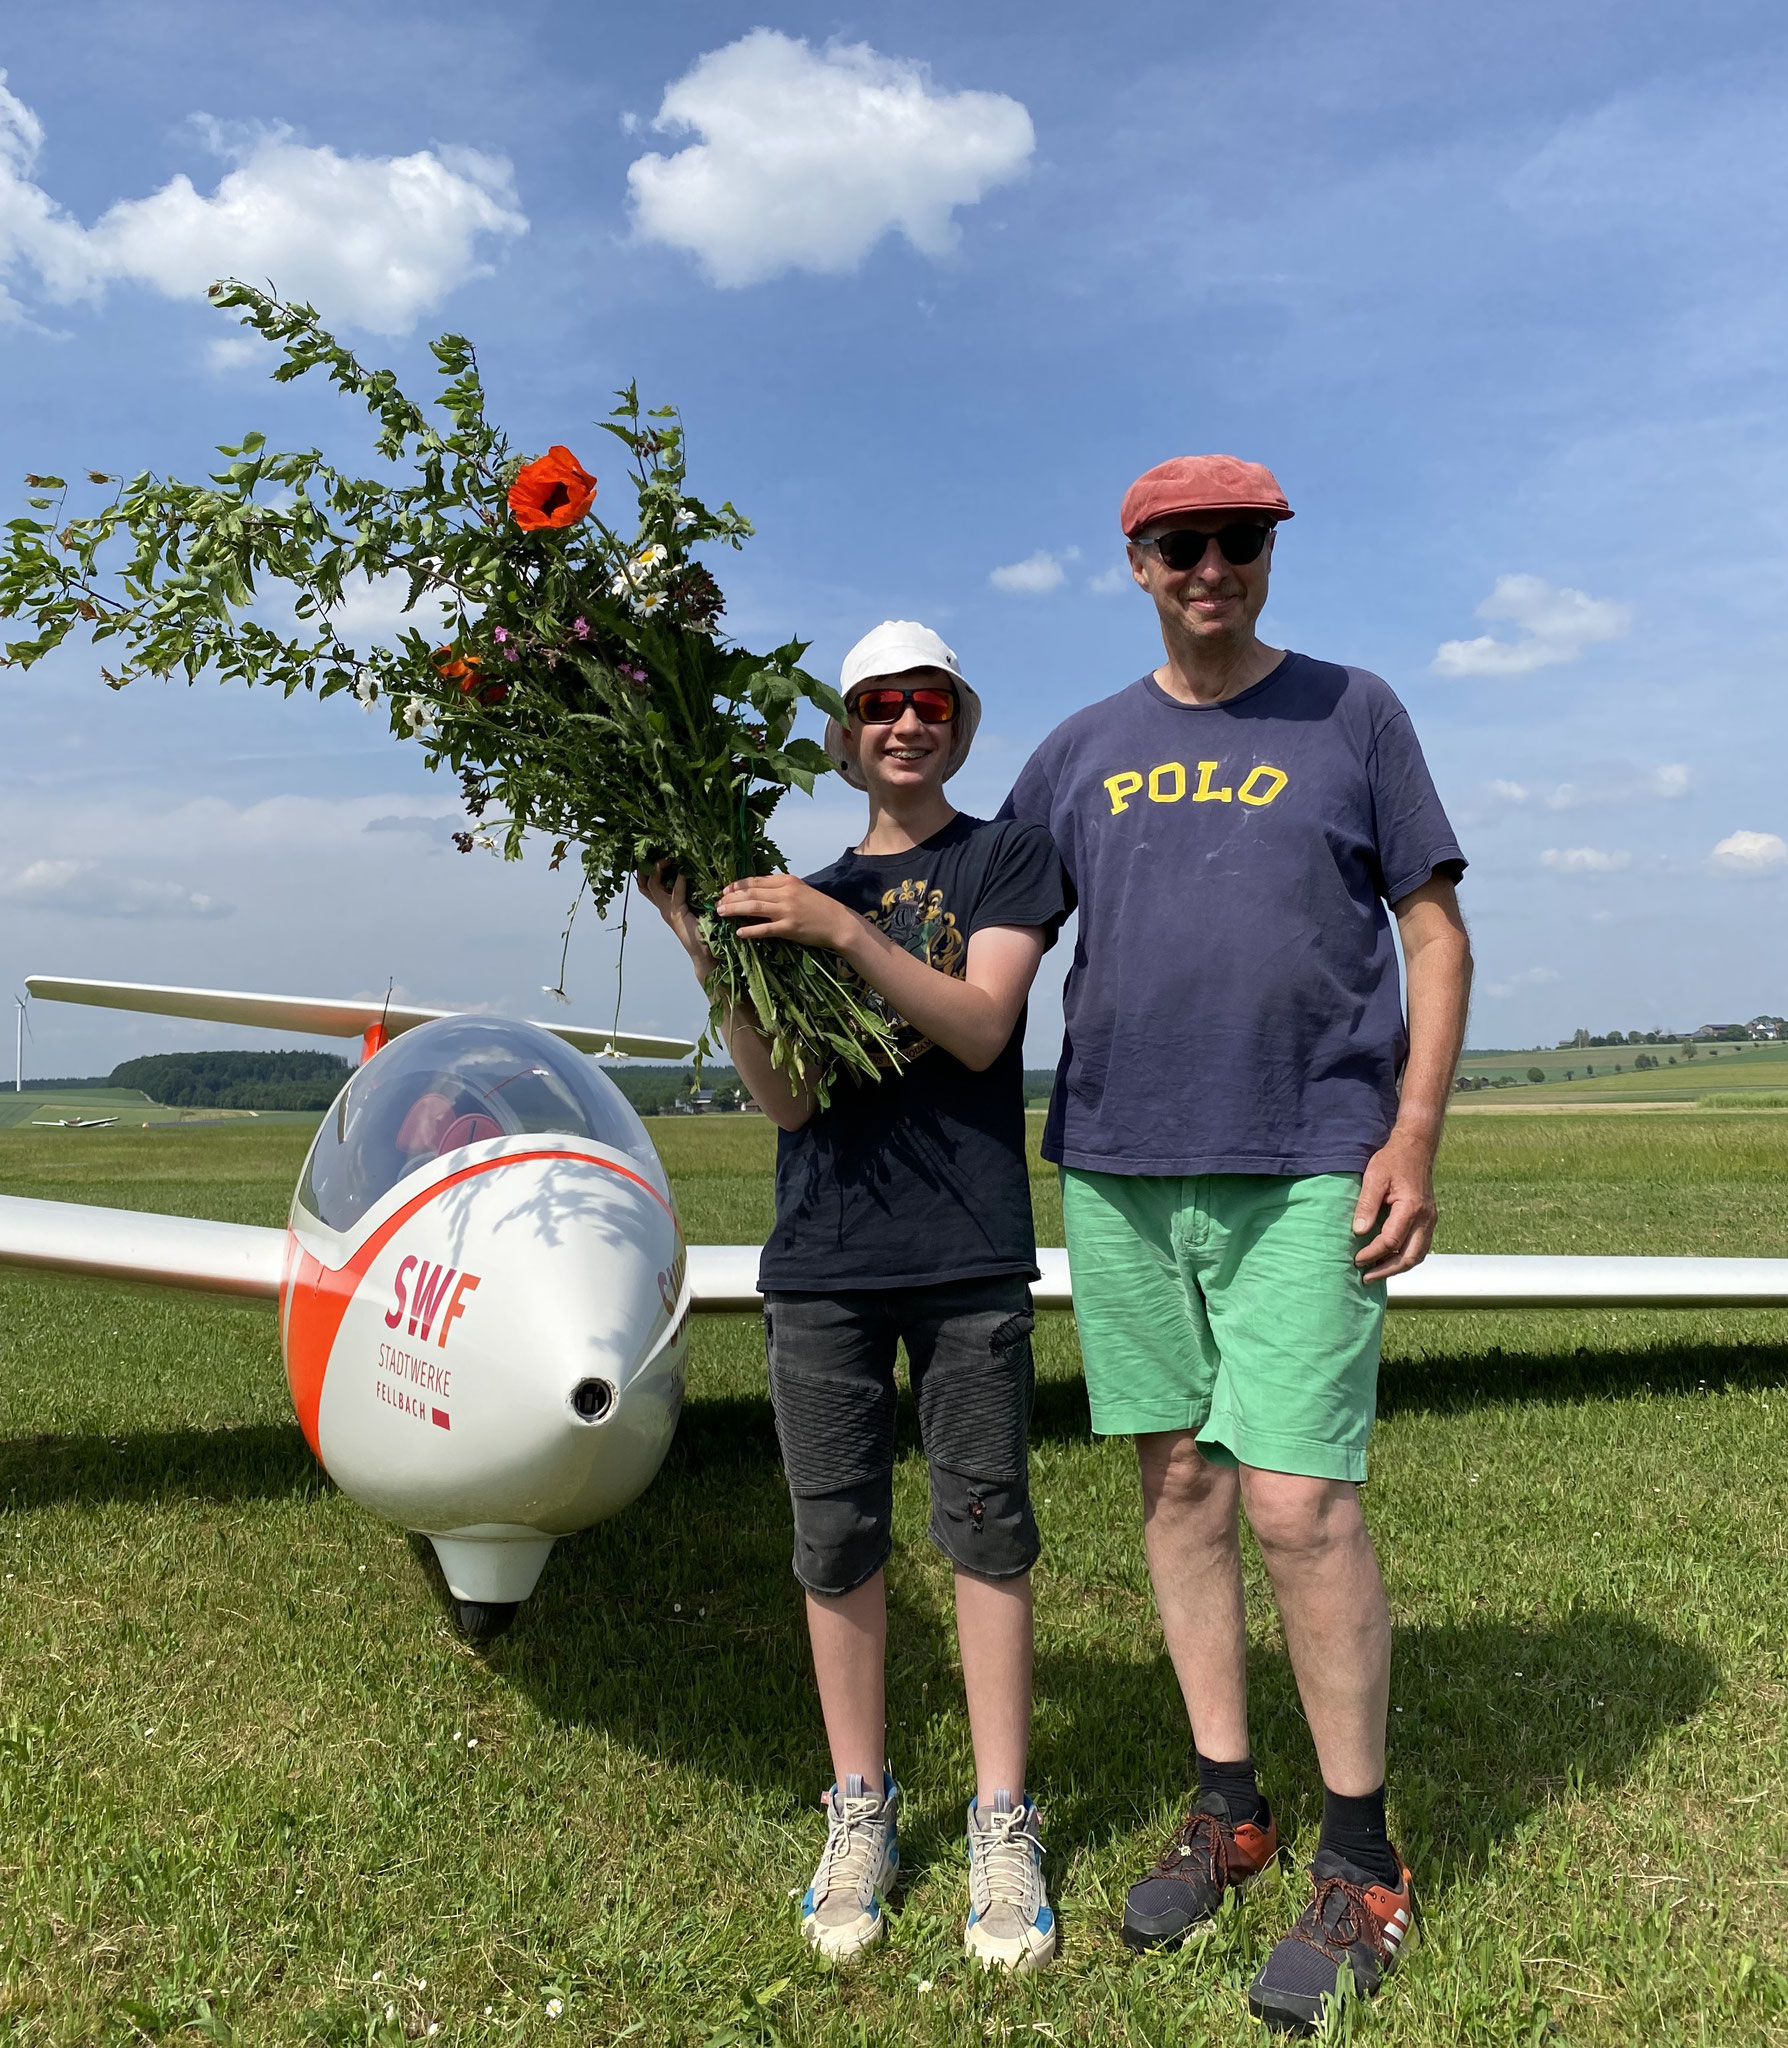 Urs und Fluglehrer Jürgen strahlen um die Wette